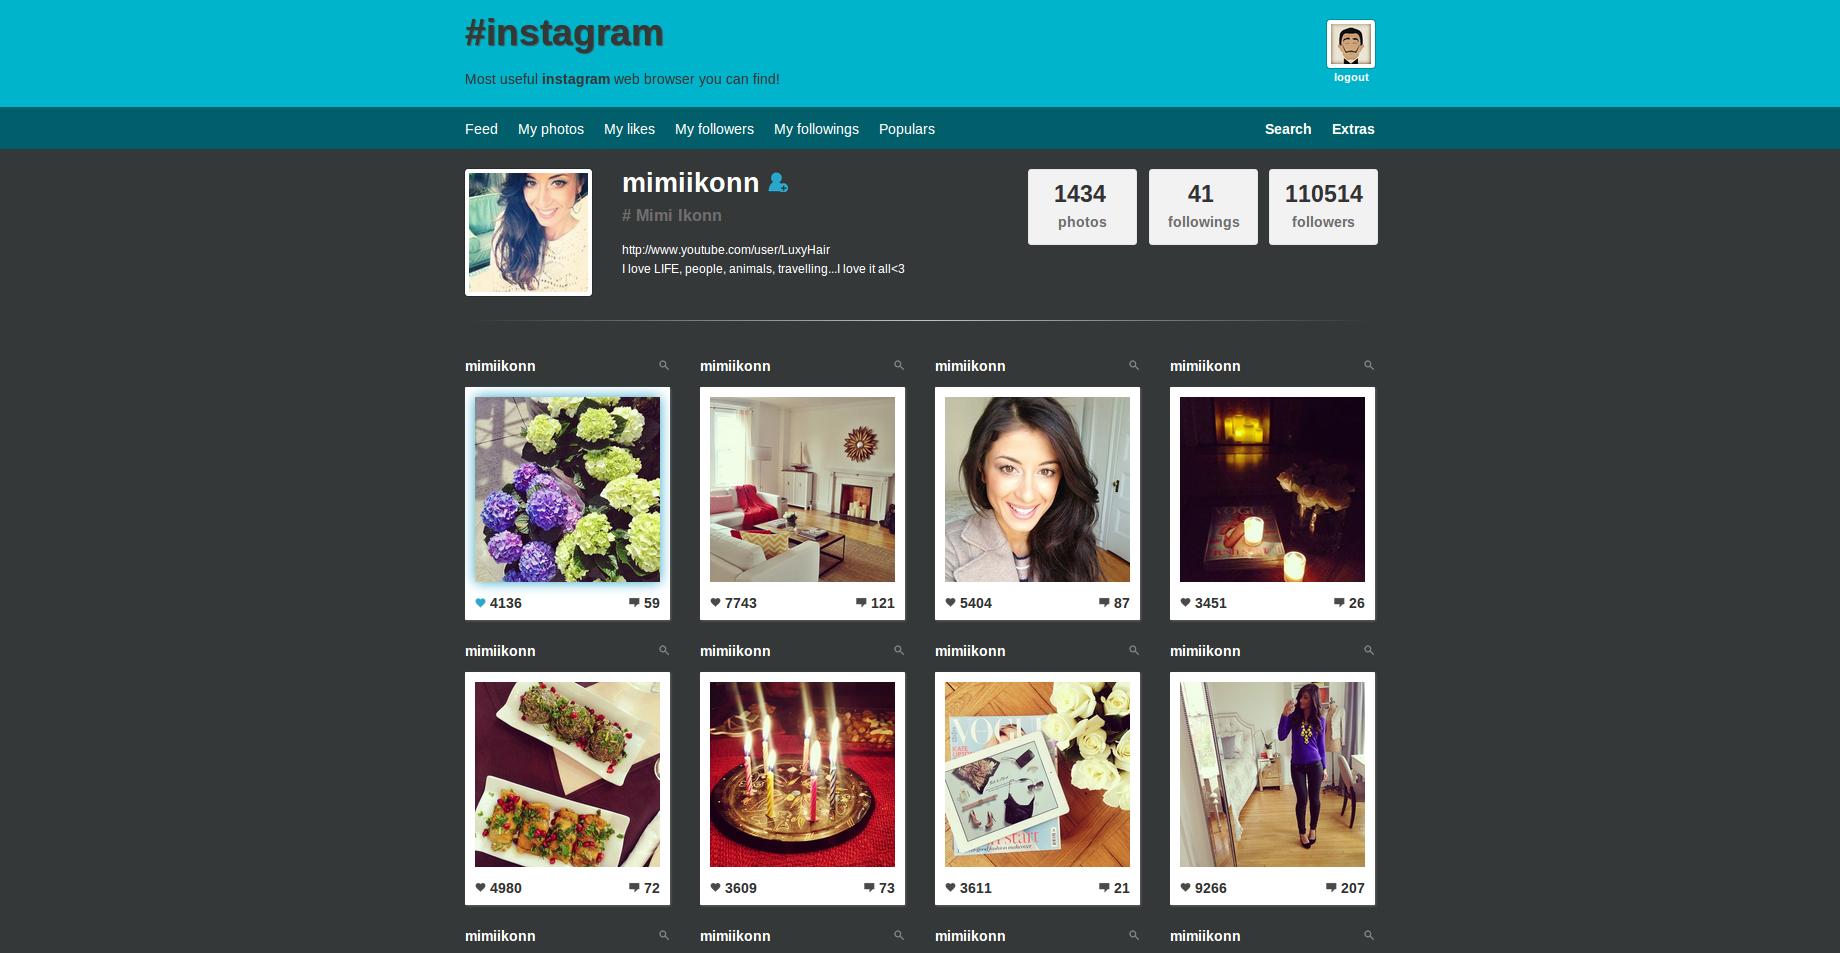 instagram web viewer login